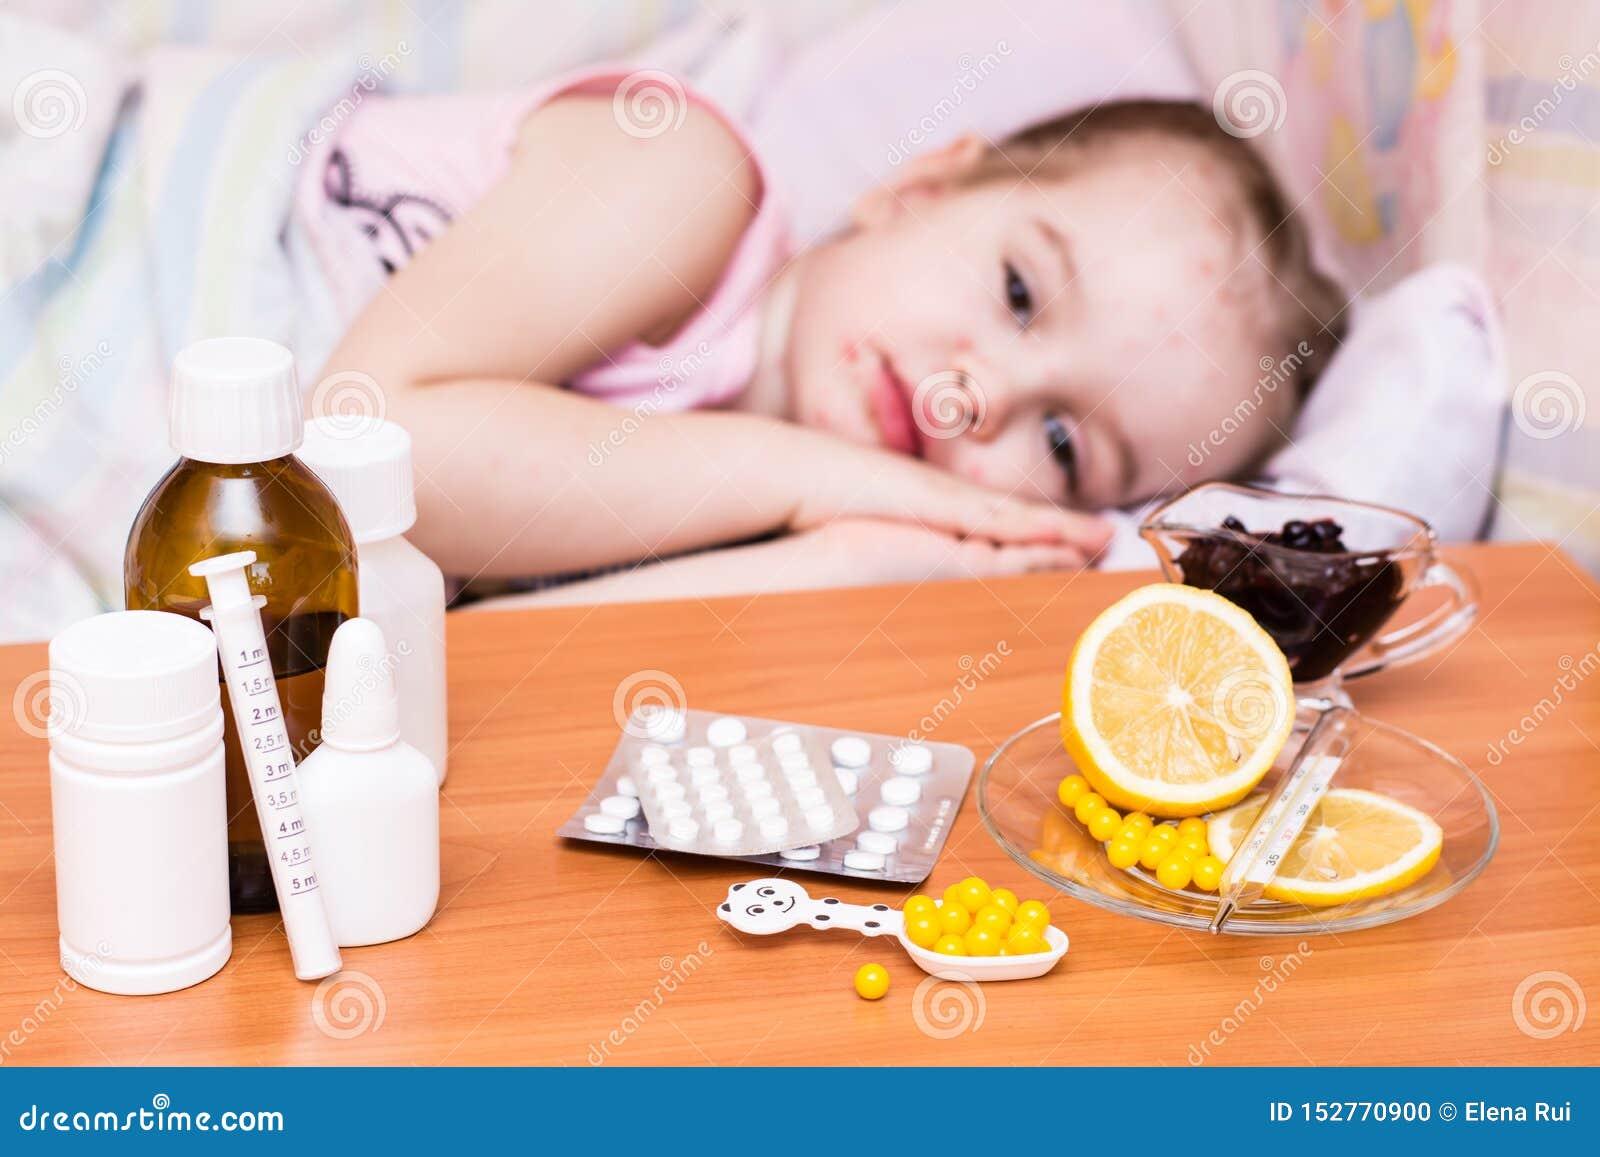 Medicine e vitamine sulla tavola contro lo sfondo di un bambino in un letto che ha varicella